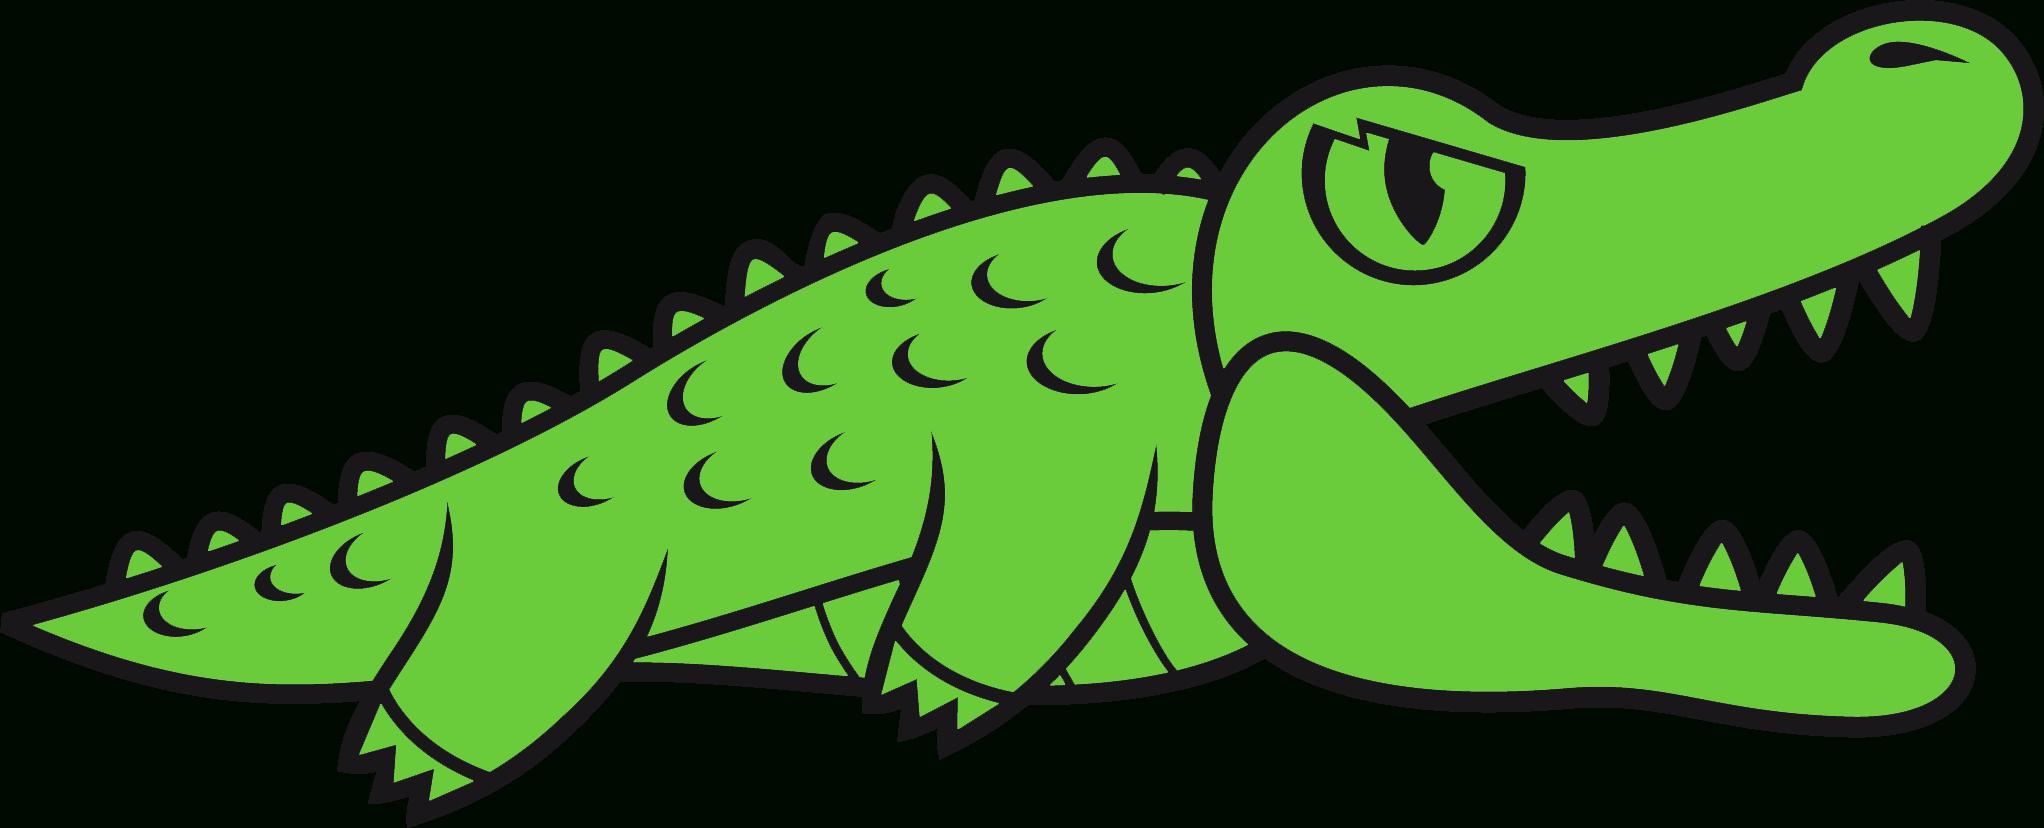 Dessins En Couleurs À Imprimer : Crocodile, Numéro : 180367 dedans Photo De Crocodile A Imprimer